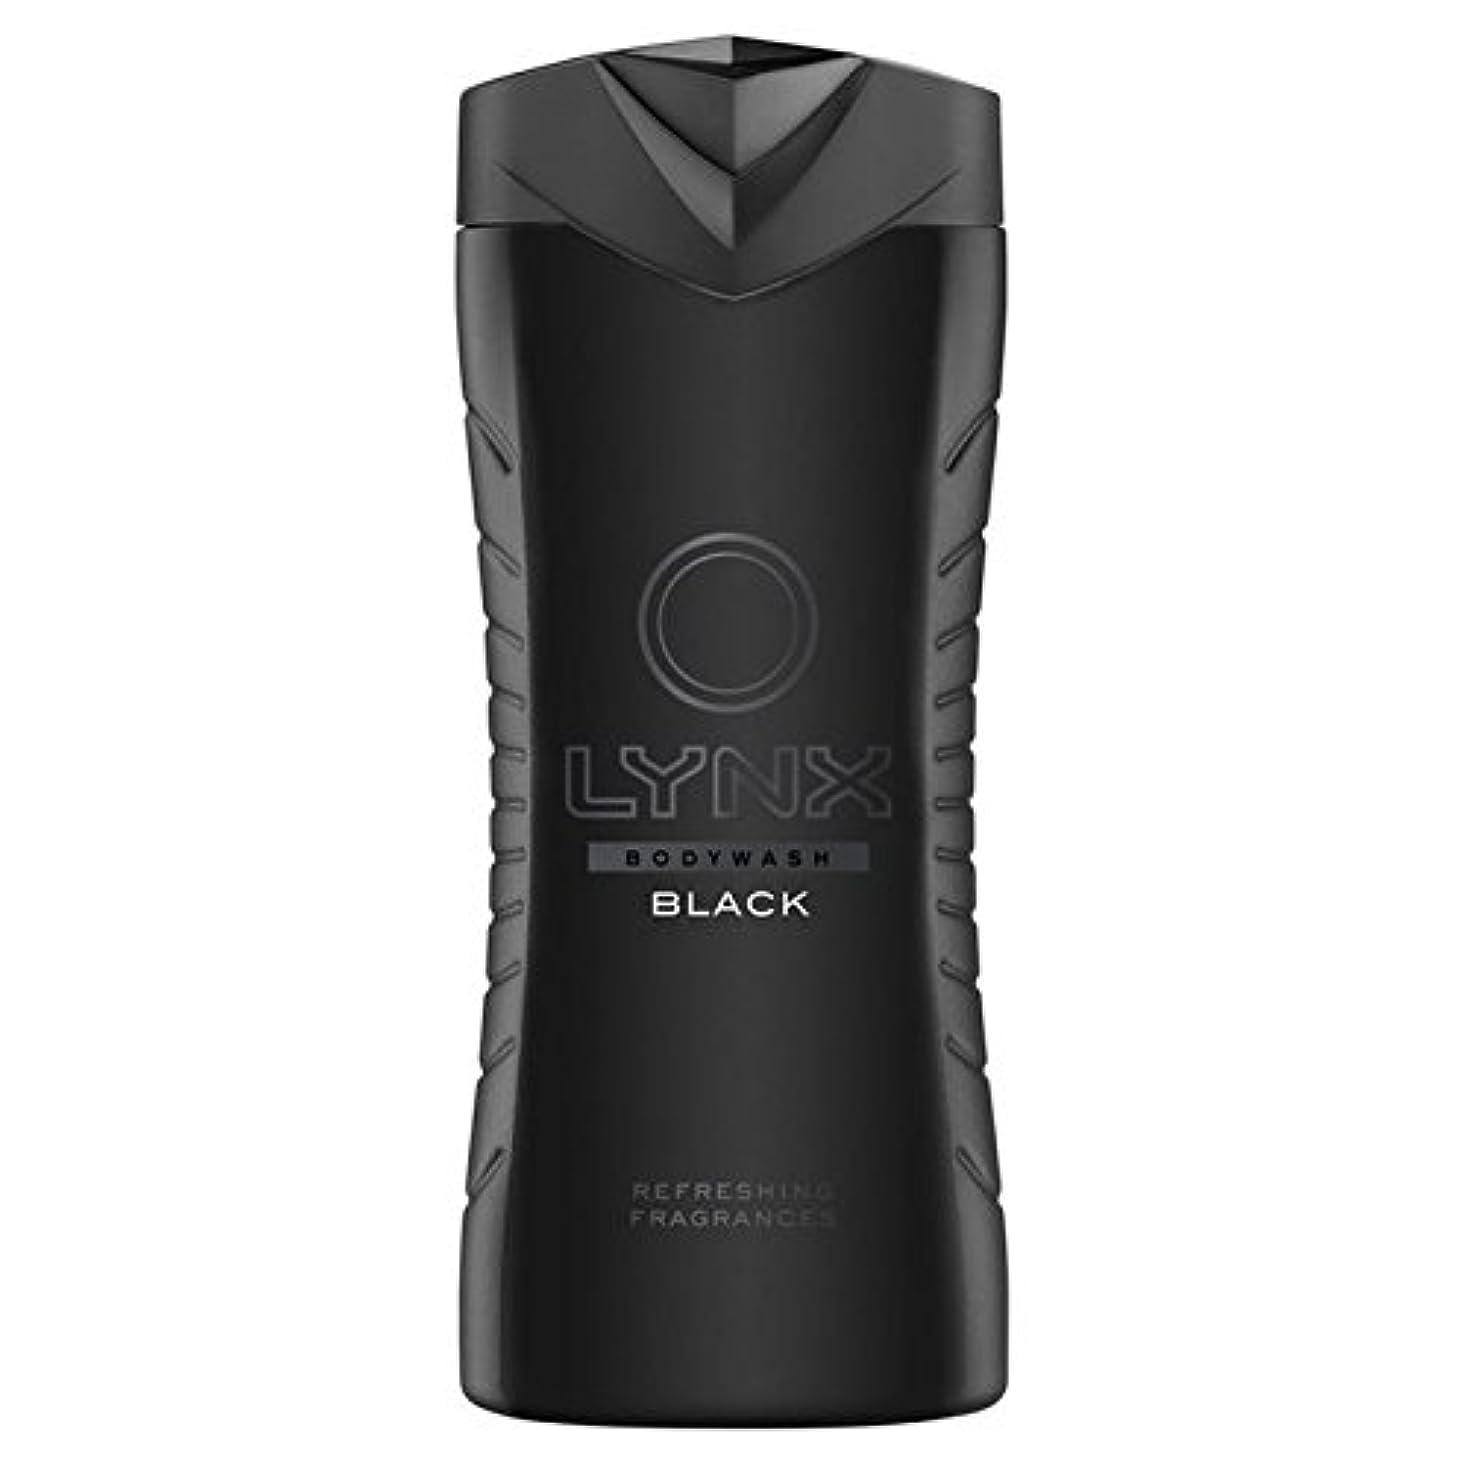 直面するチョーク盆オオヤマネコブラックシャワージェル400ミリリットル x4 - Lynx Black Shower Gel 400ml (Pack of 4) [並行輸入品]